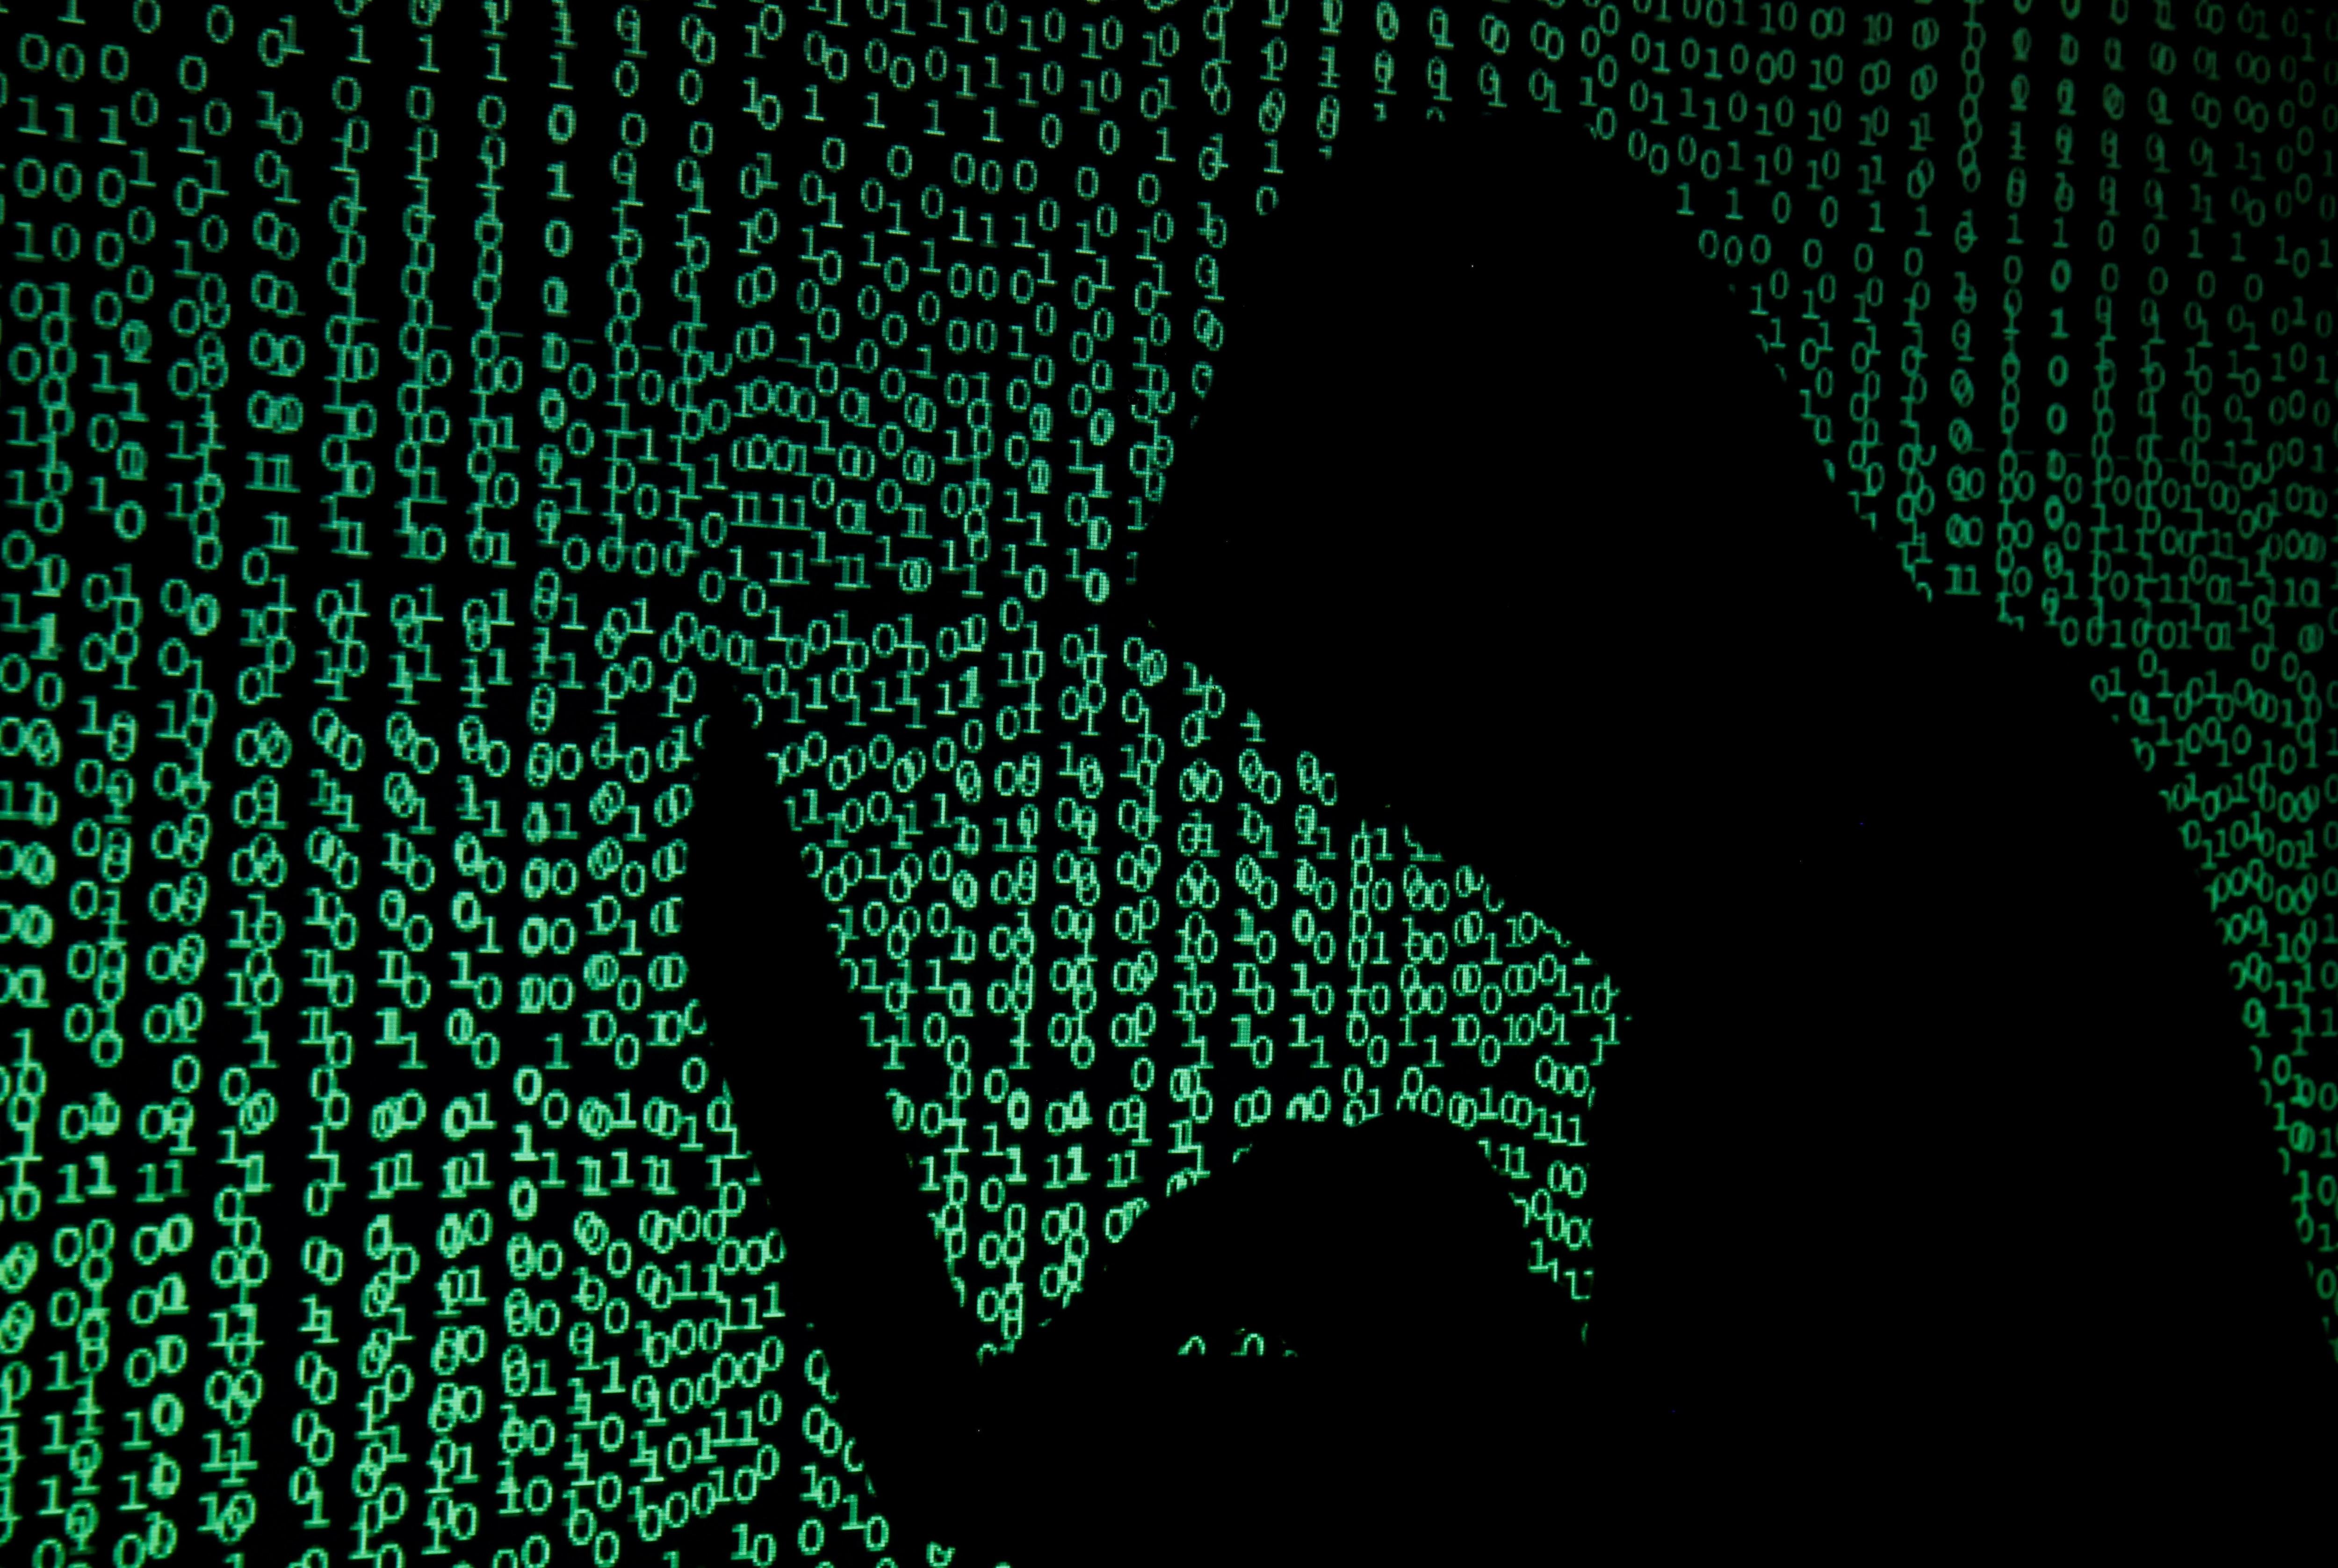 Es clave tomar precauciones al ingresar información personal en la web